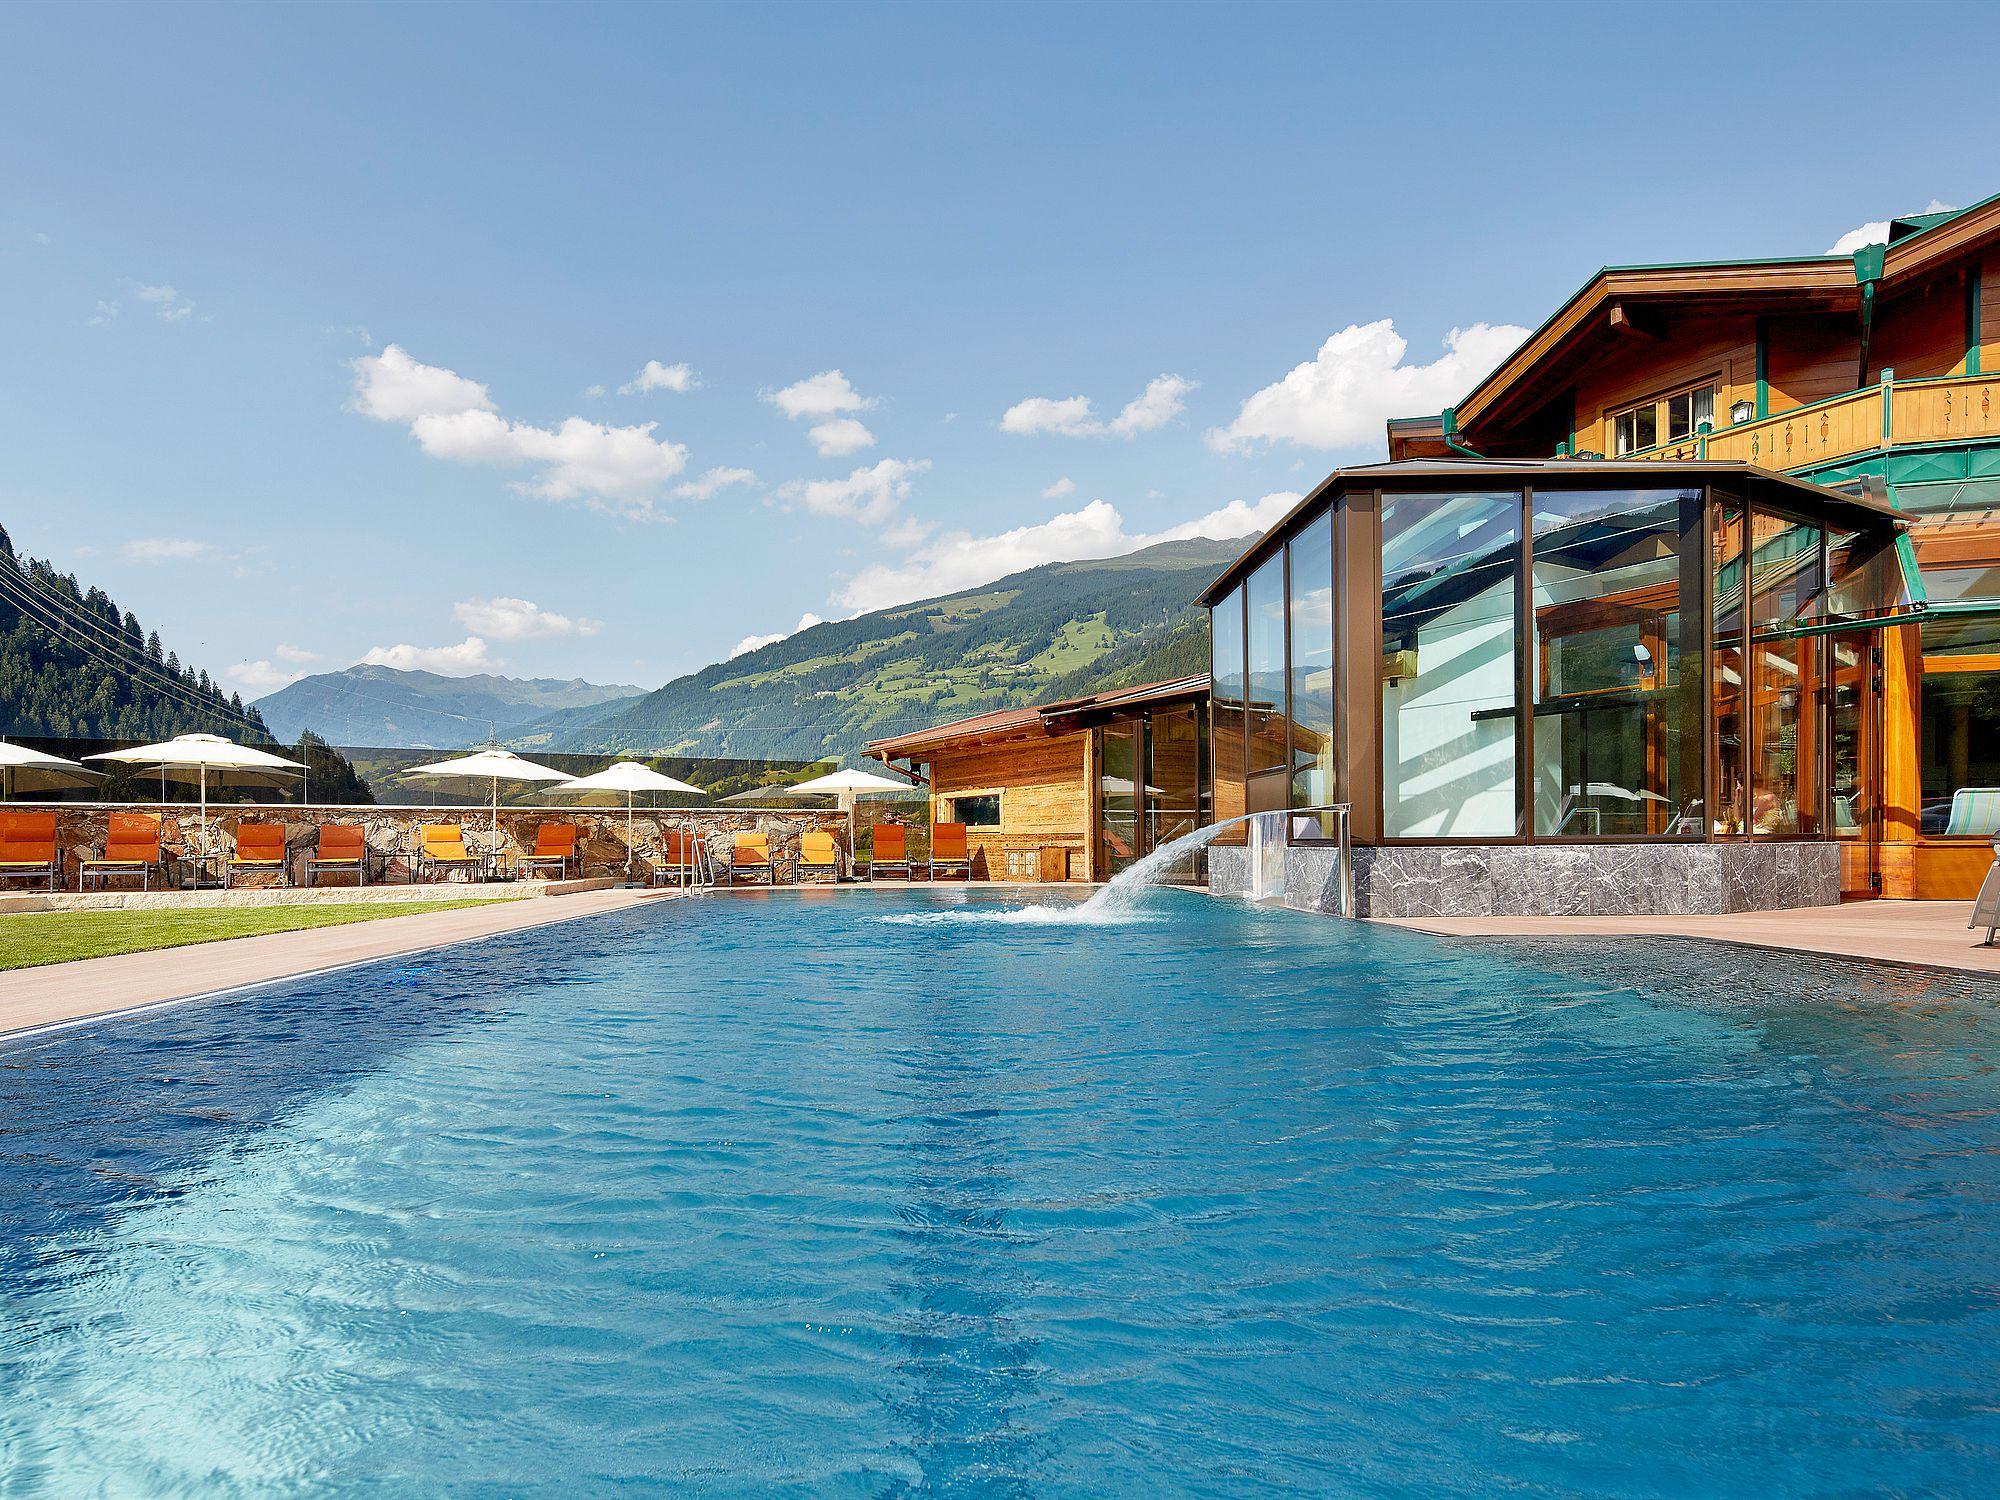 Blick über die Wasserfläche des Freibades auf den Zugang vom Innenbereich und die Sonnenliegen auf der Liegewiese